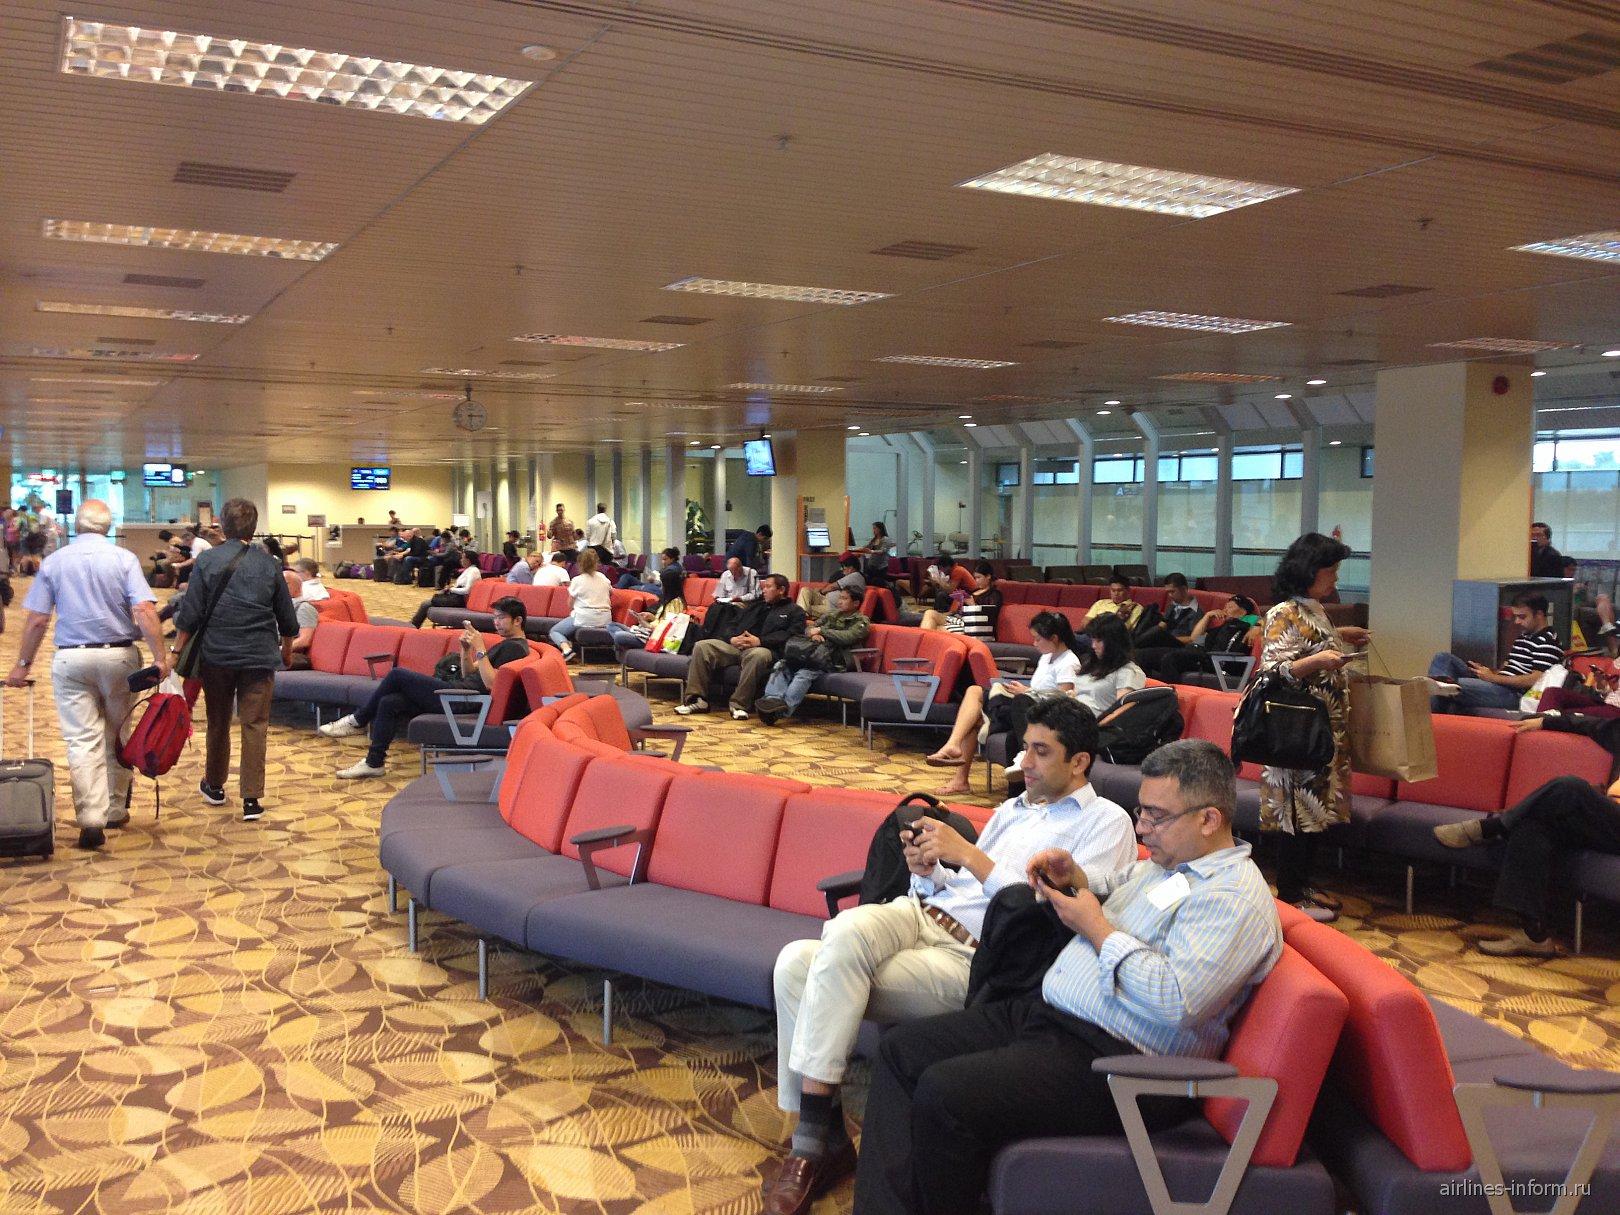 Зал ожидания в чистой зоне терминала 2 аэропорта Сингапур Чанги